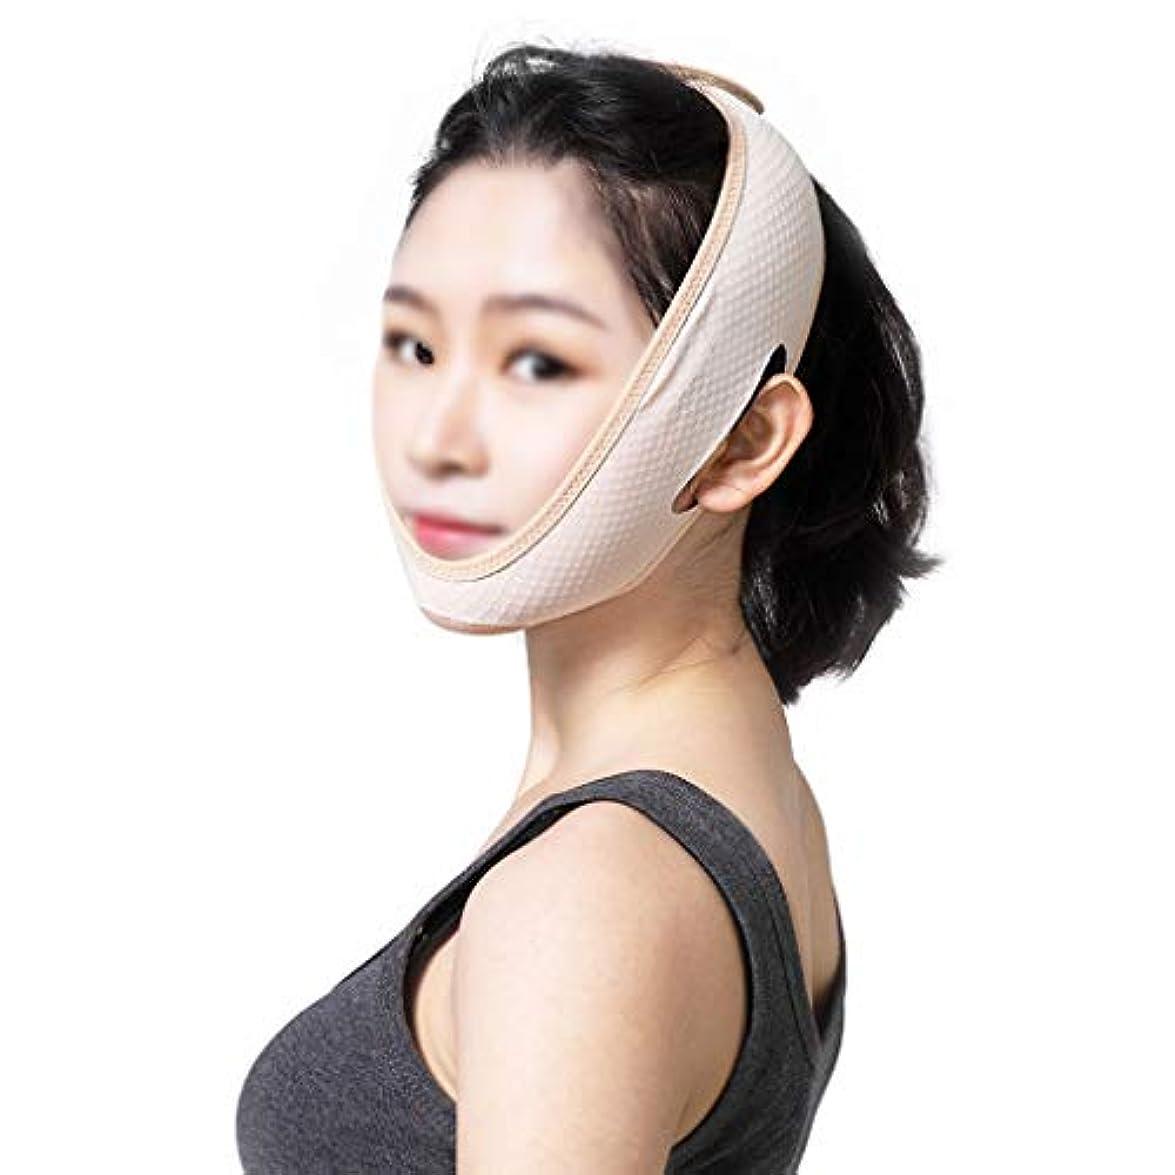 消すノイズパトロールTLMY 顔面リフティング包帯術後回復マスクリフティング包帯薄い顔アーティファクトは、小さなV顔を作成する 顔用整形マスク